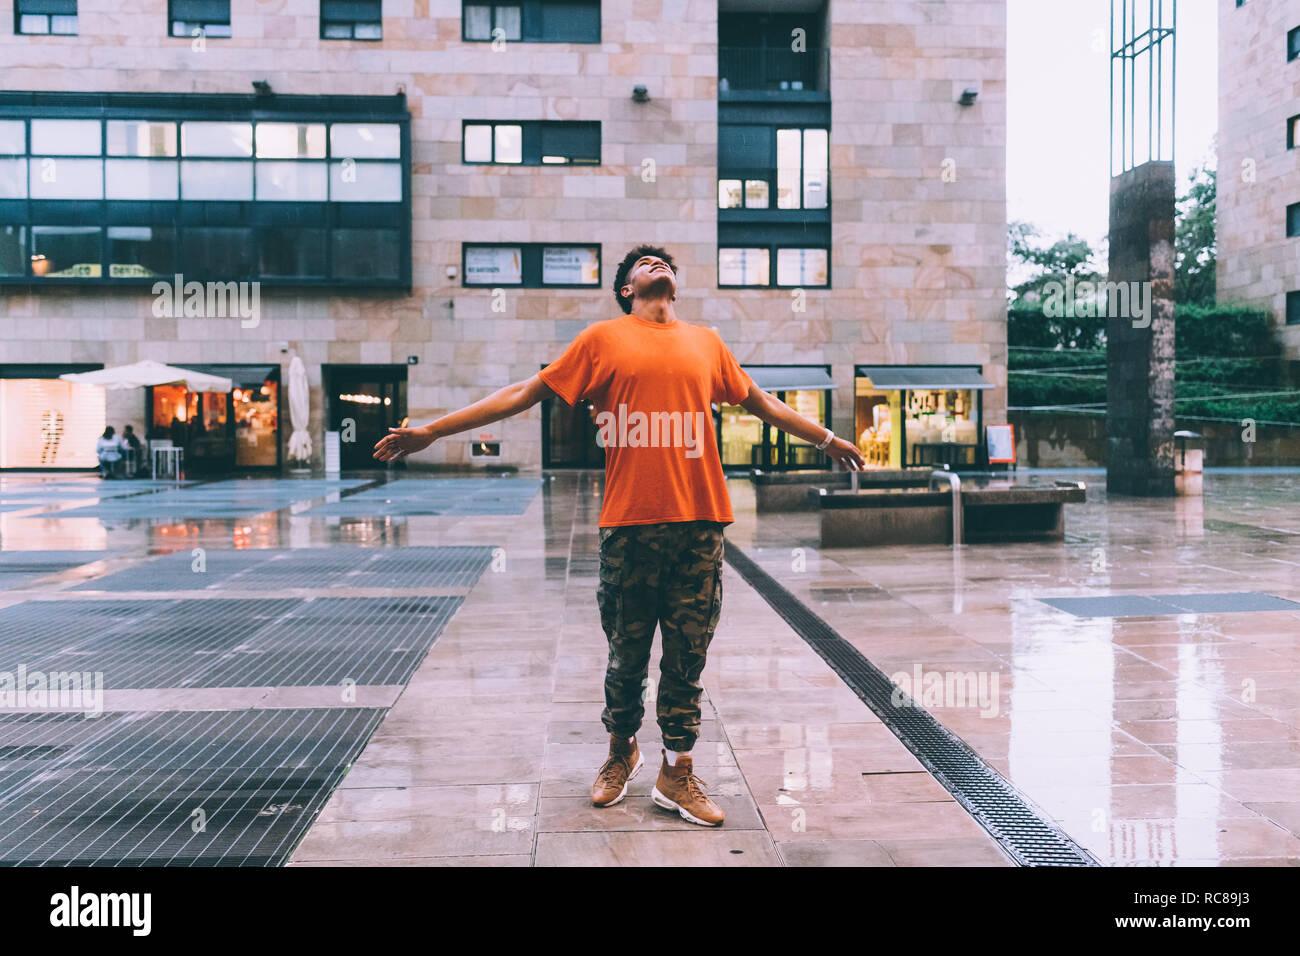 Accueillant l'homme de pluie dans la Vieille-Ville, Milan, Italie Banque D'Images